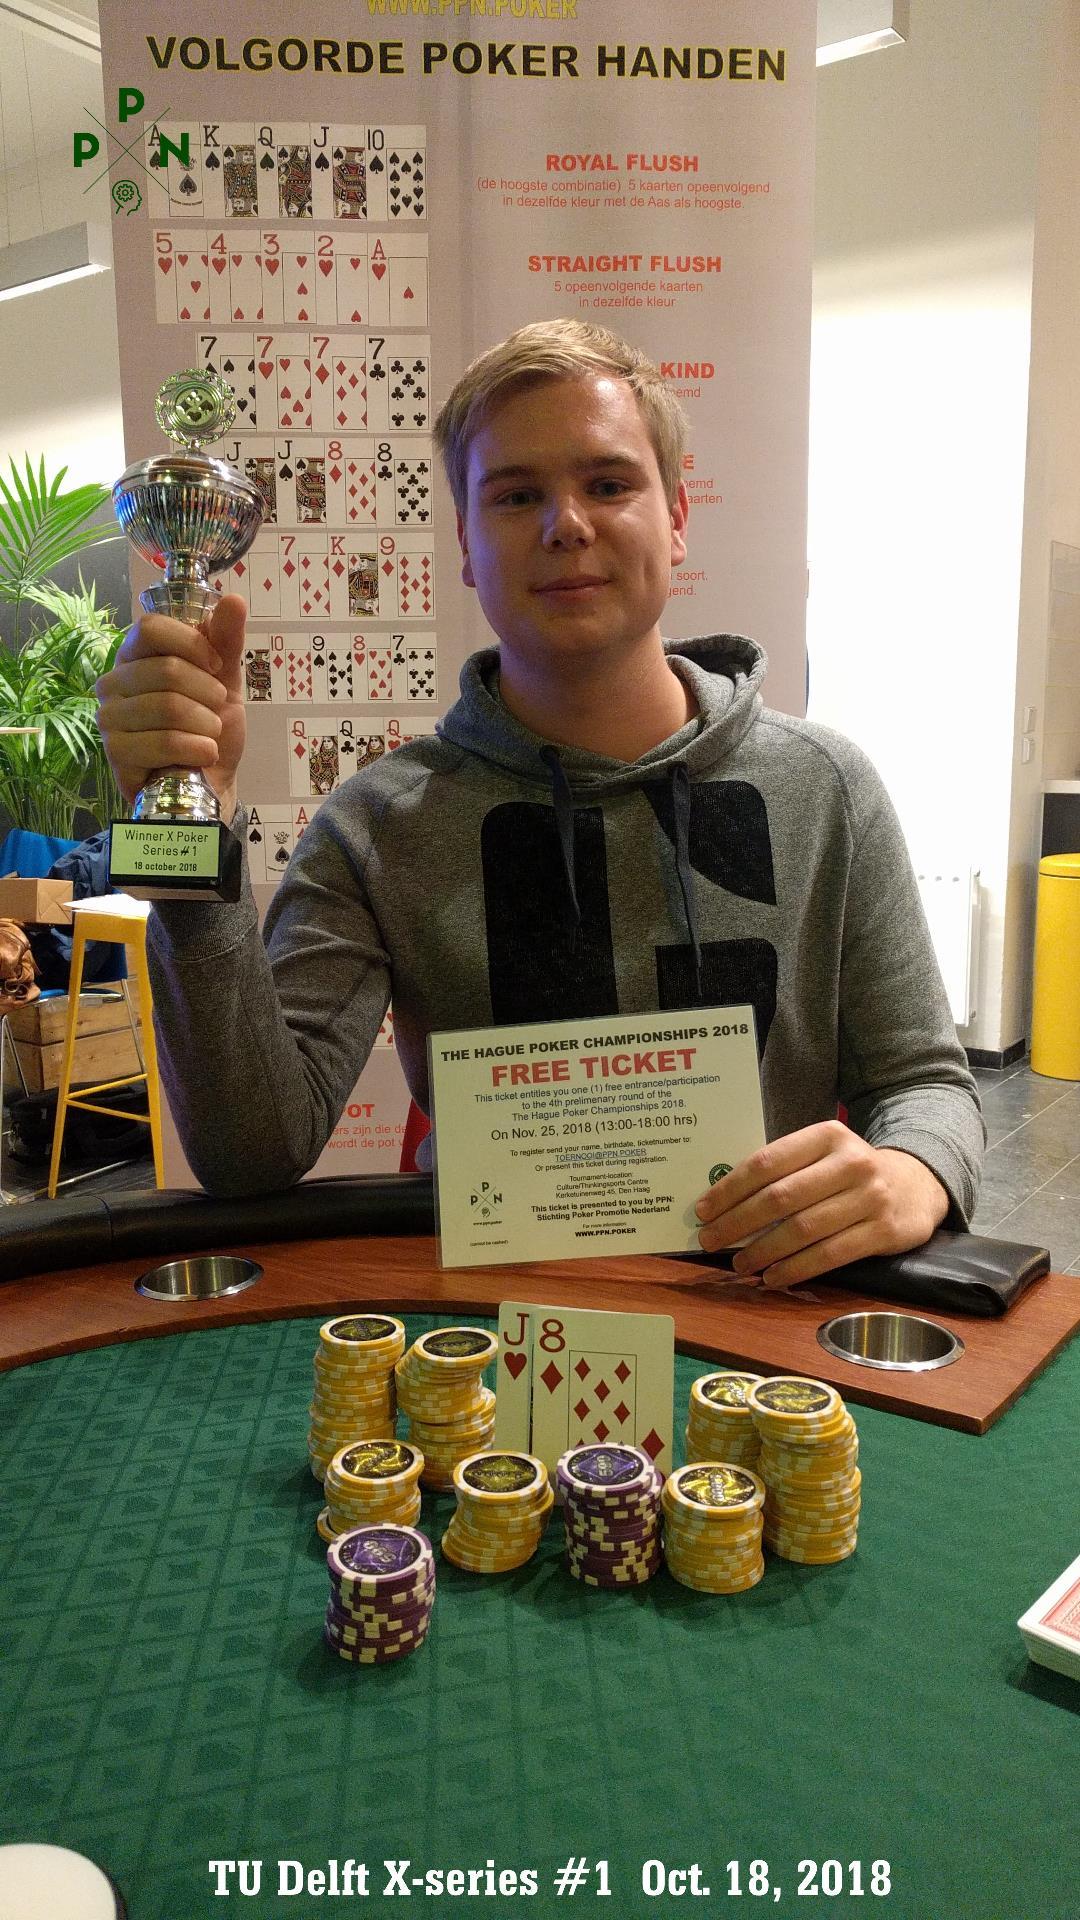 TU Delft X-Poker Series 1